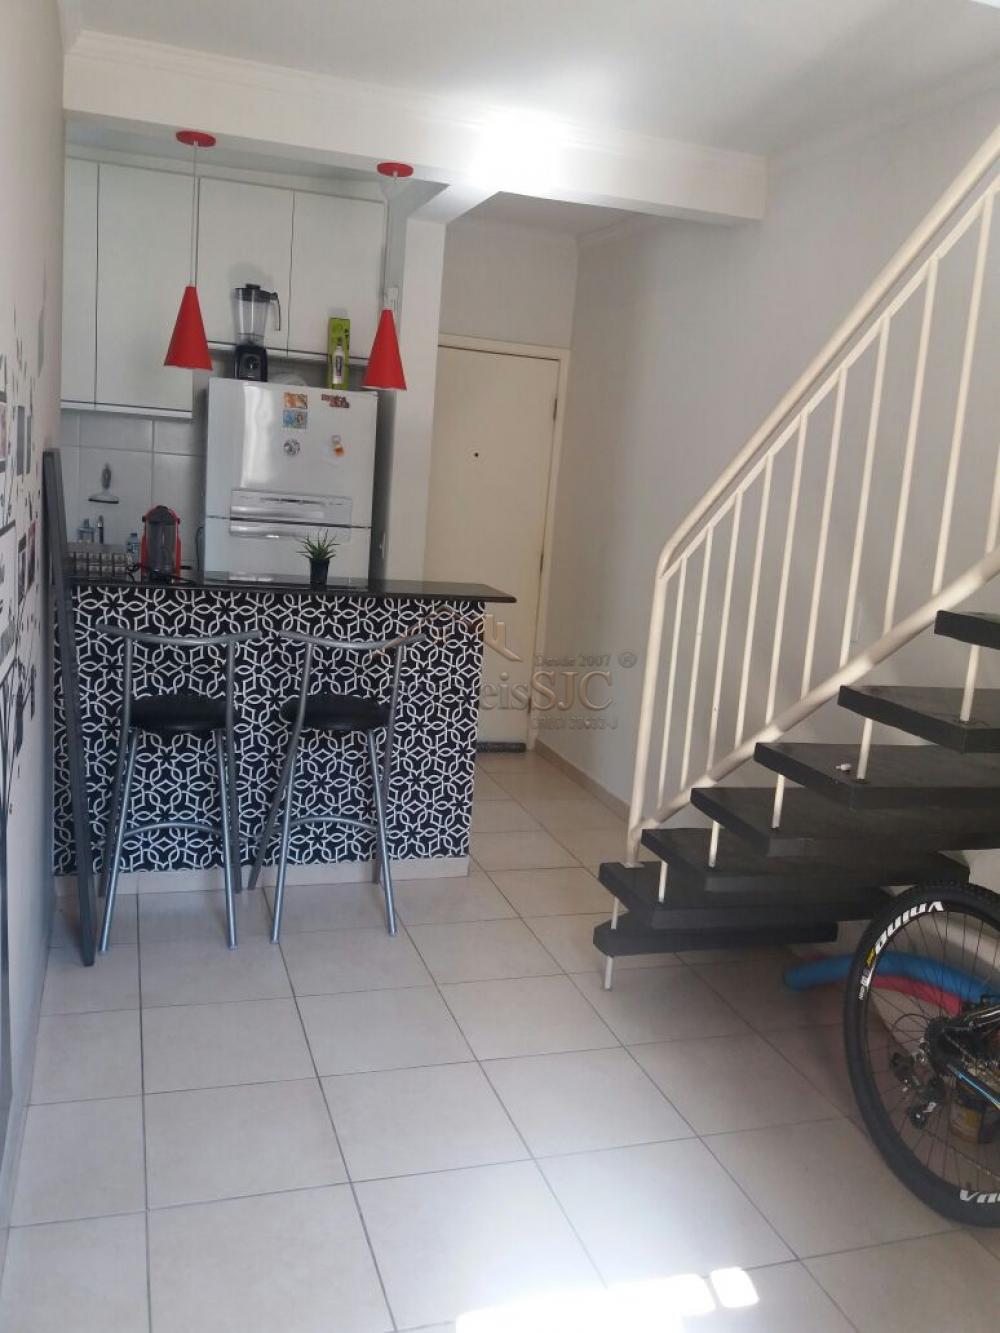 Comprar Apartamentos / Padrão em Jacareí apenas R$ 275.000,00 - Foto 4